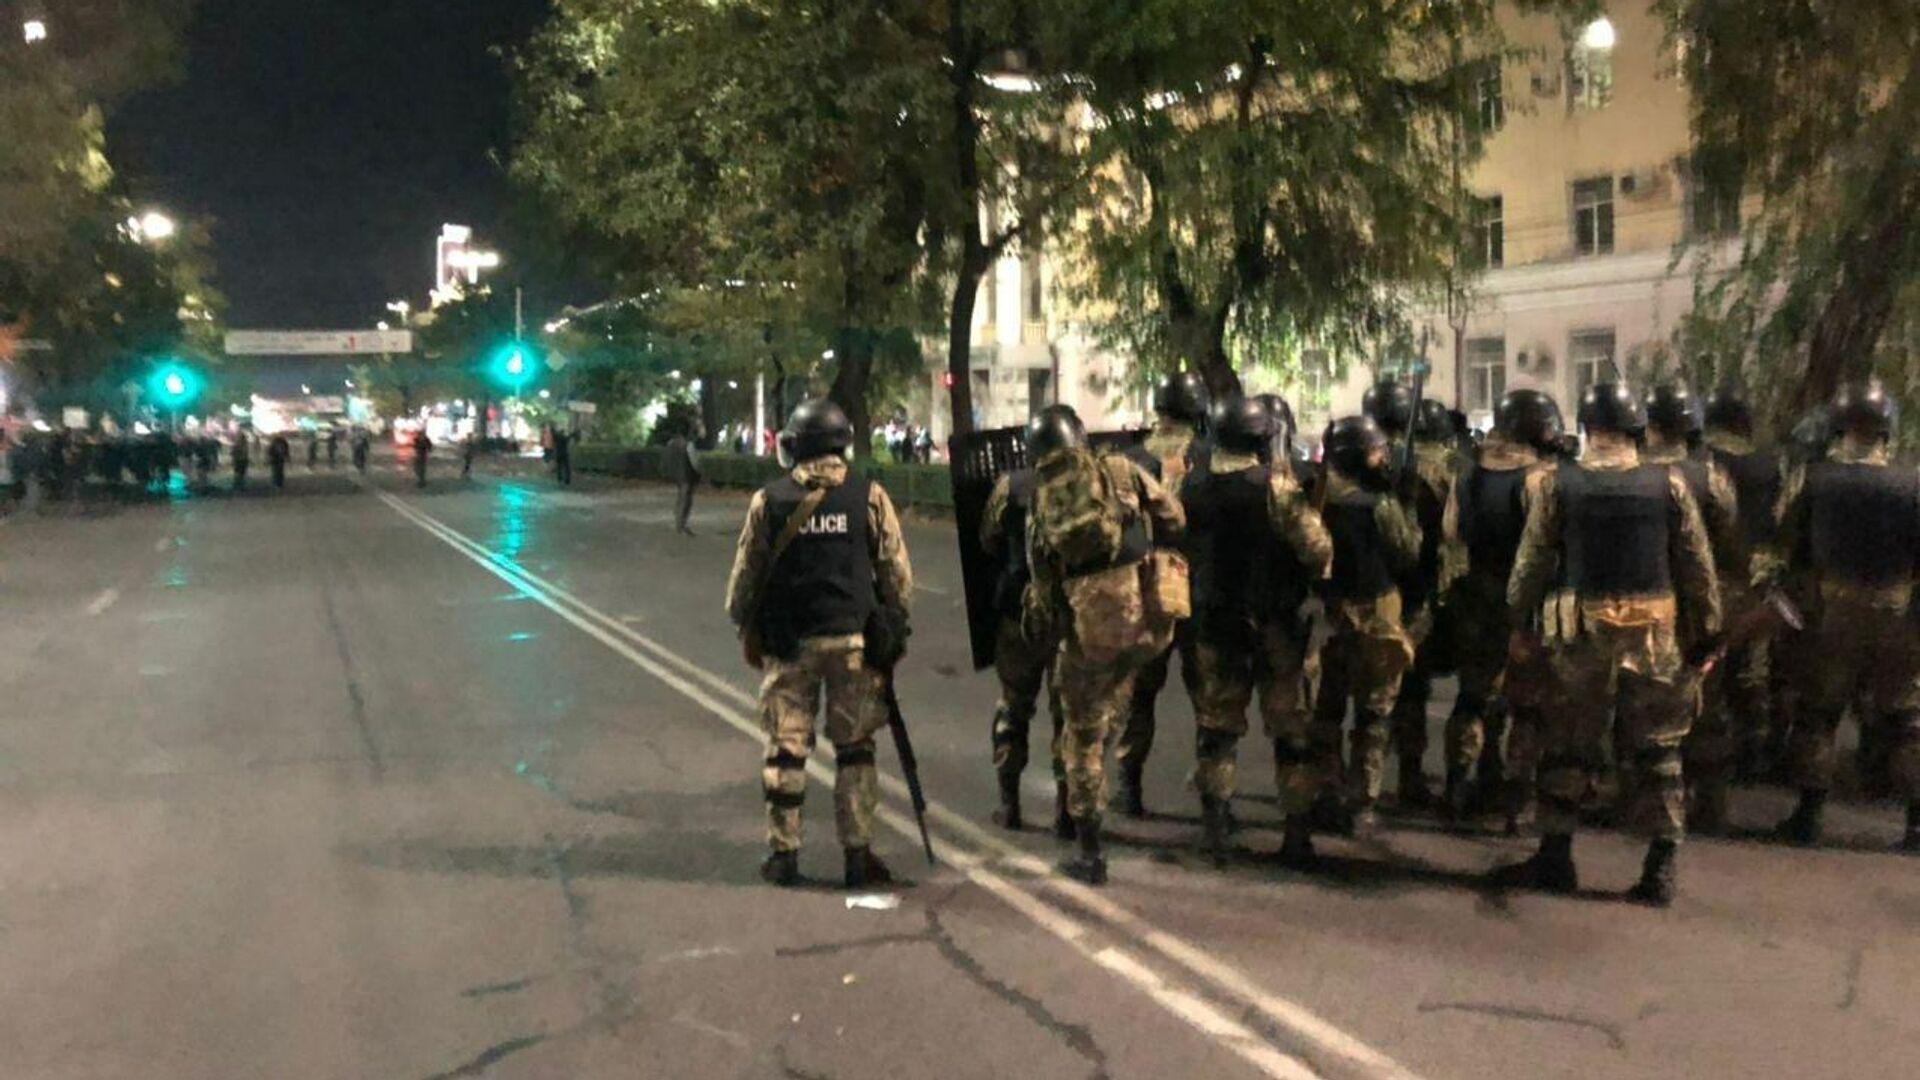 Сотрудники правоохранительных органов во время акции протеста в Бишкеке - РИА Новости, 1920, 05.10.2020